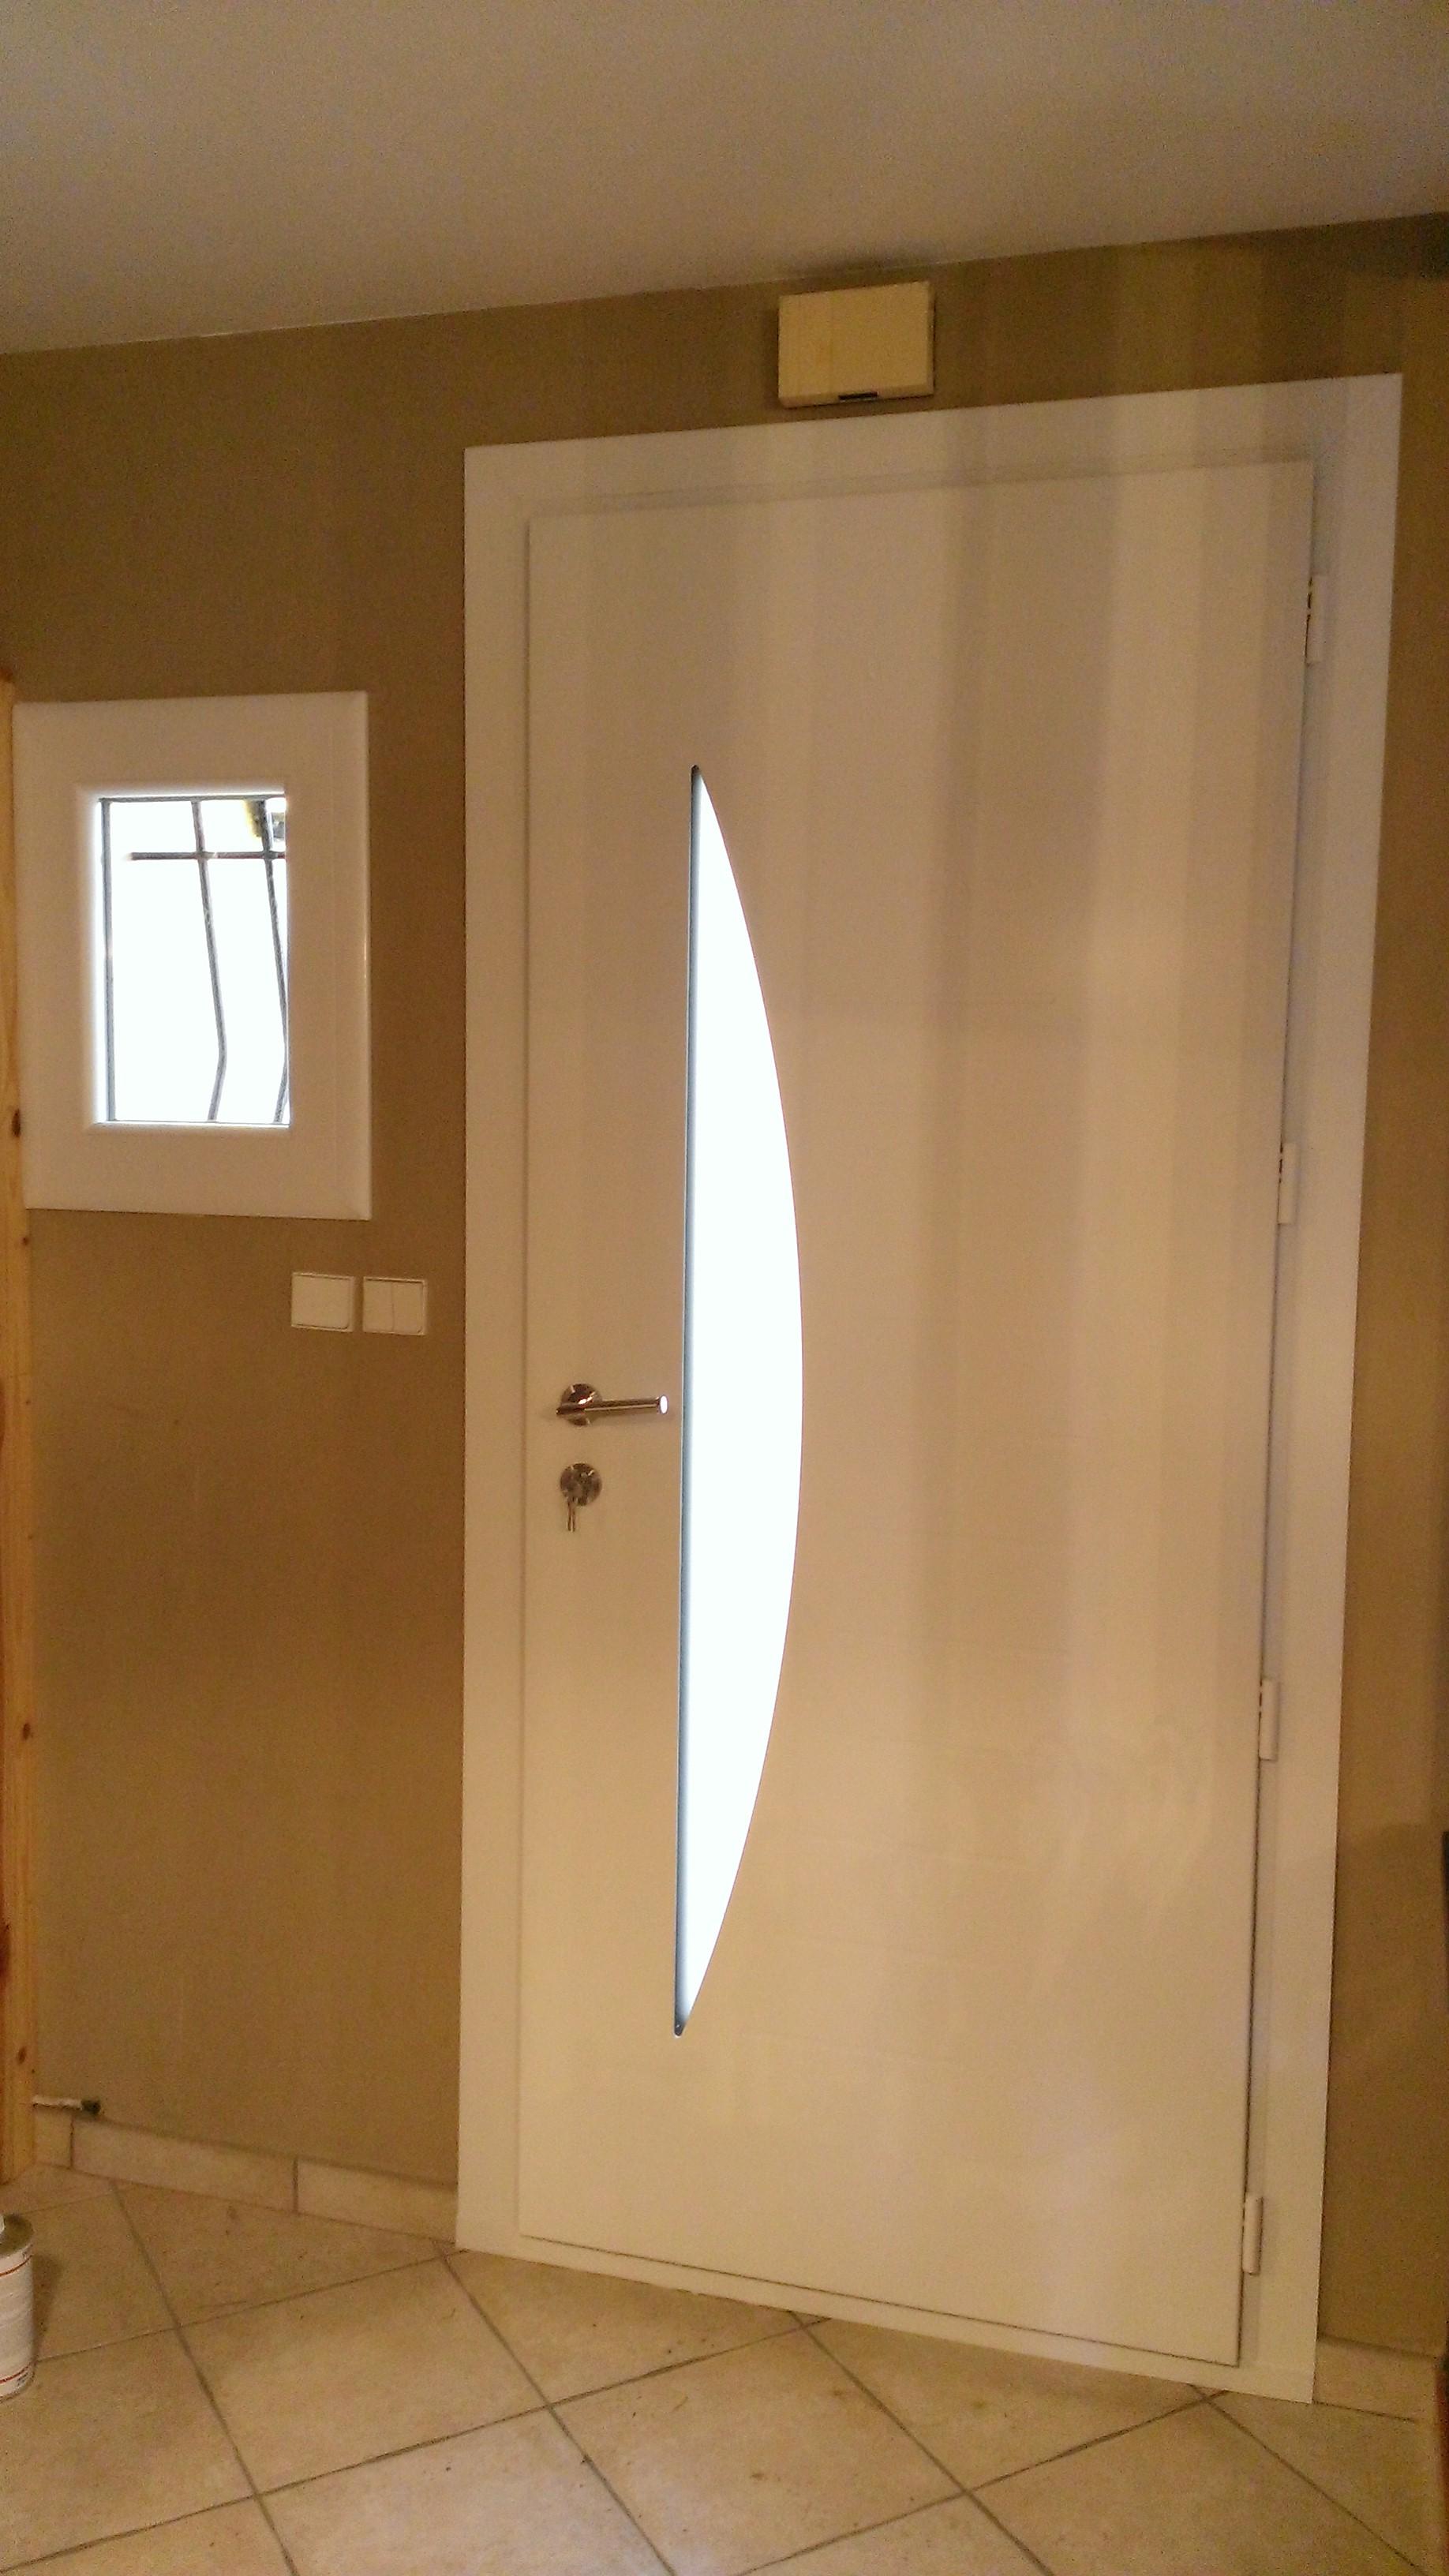 Portes d 39 entr e alu contemporaines lyon menuiserie for Peindre l aluminium